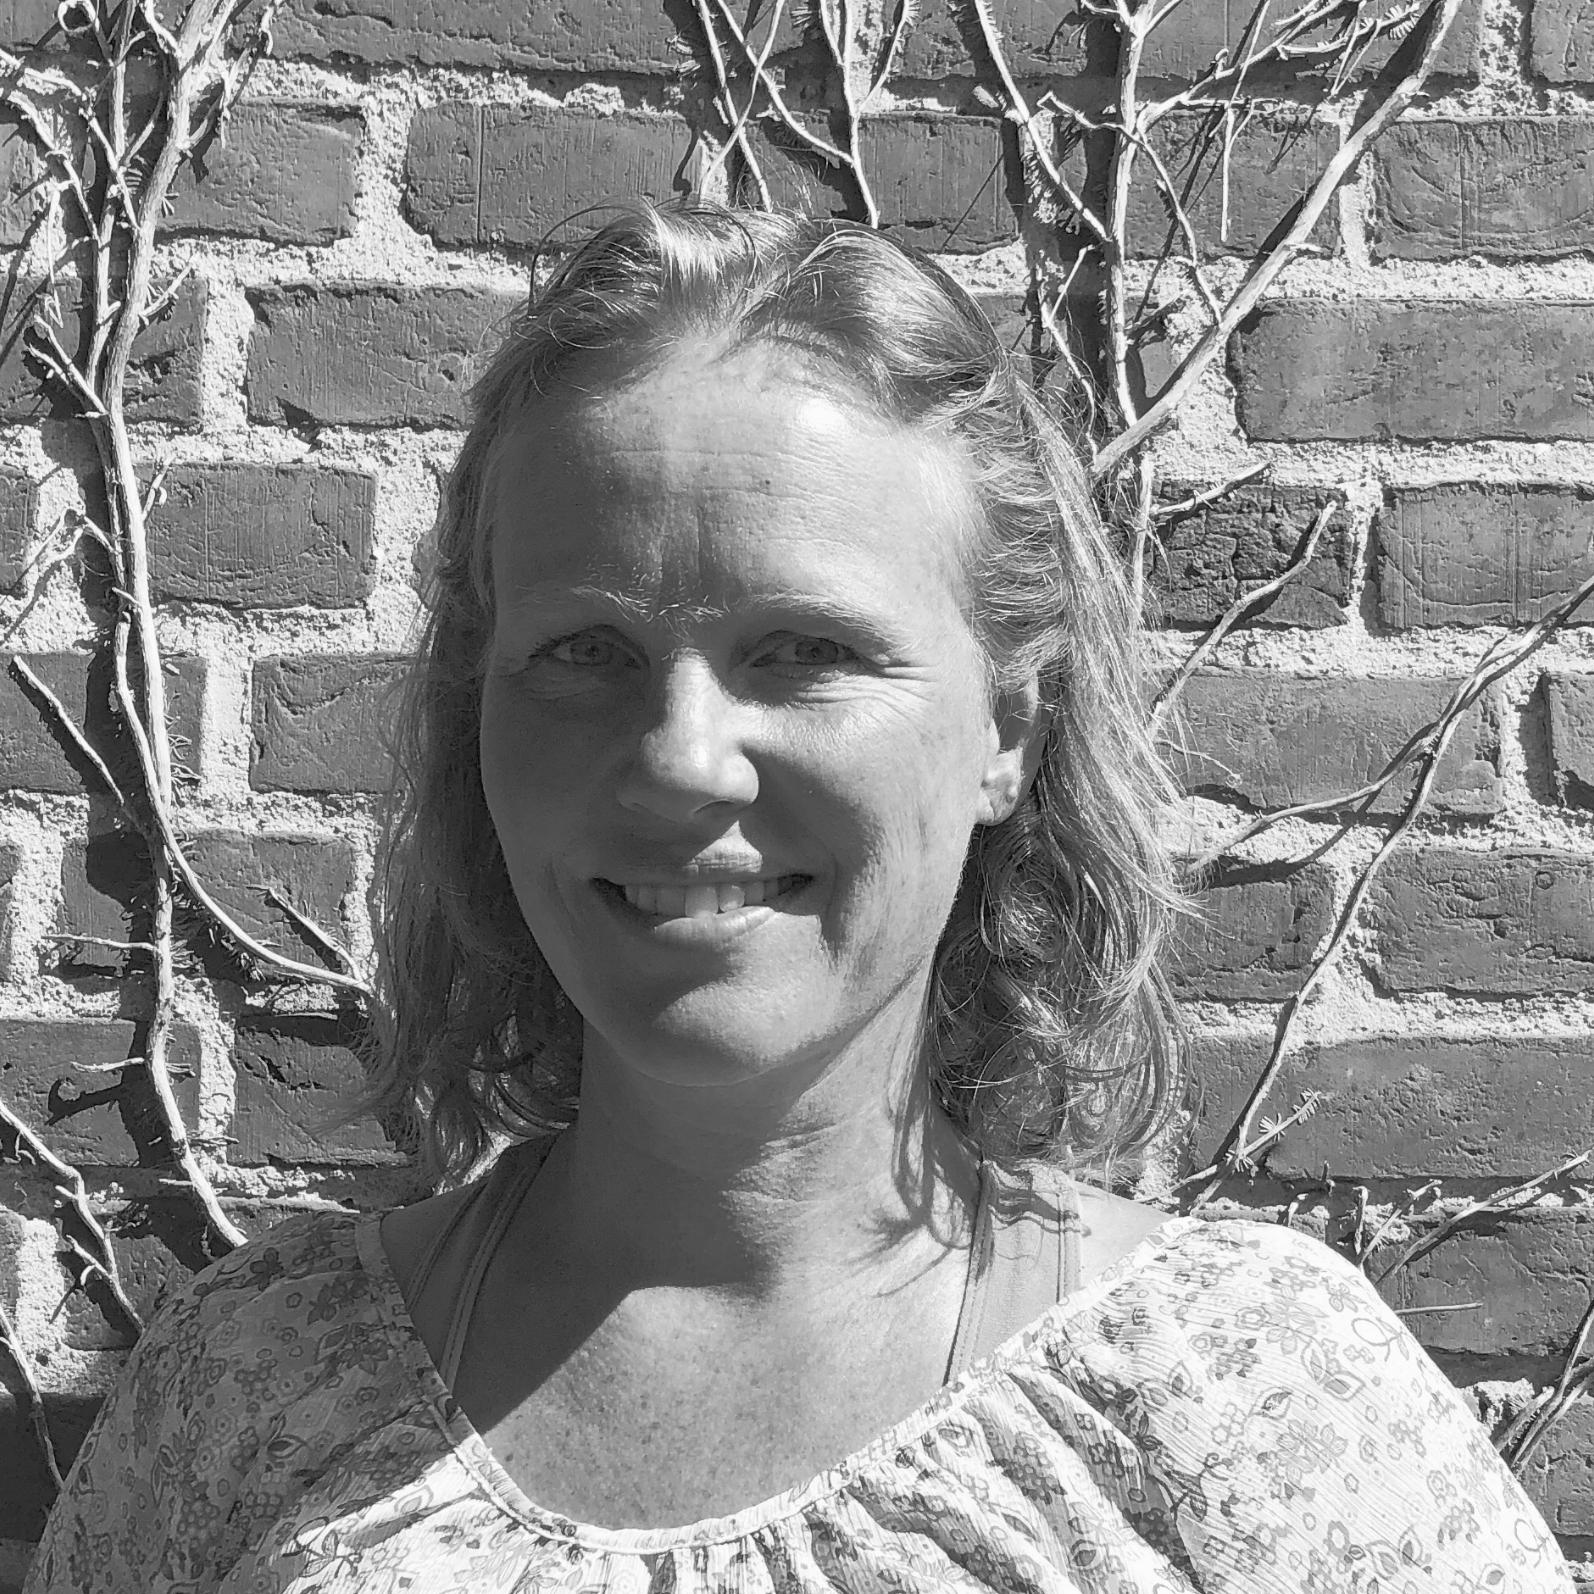 """Jannie Friis - CEO - Chief Executive OfficerMail: jannie@headfitted.dkLinkedIn: Jannie Friis KristensenI tæt samarbejde med vores kunder, ideudvikler og konceptsualiserer Jannie hvilken IT-løsning, der passer til deres behov. På denne måde bliver vores kunder klar over, hvad de har brug for, så deres services og arbejdsgange bliver effektiviseret bedst muligt.""""Min store interesse er helt klart samspillet mellem mennesker og teknologier, og den proces der sker, når produkter og relationer bliver til."""""""